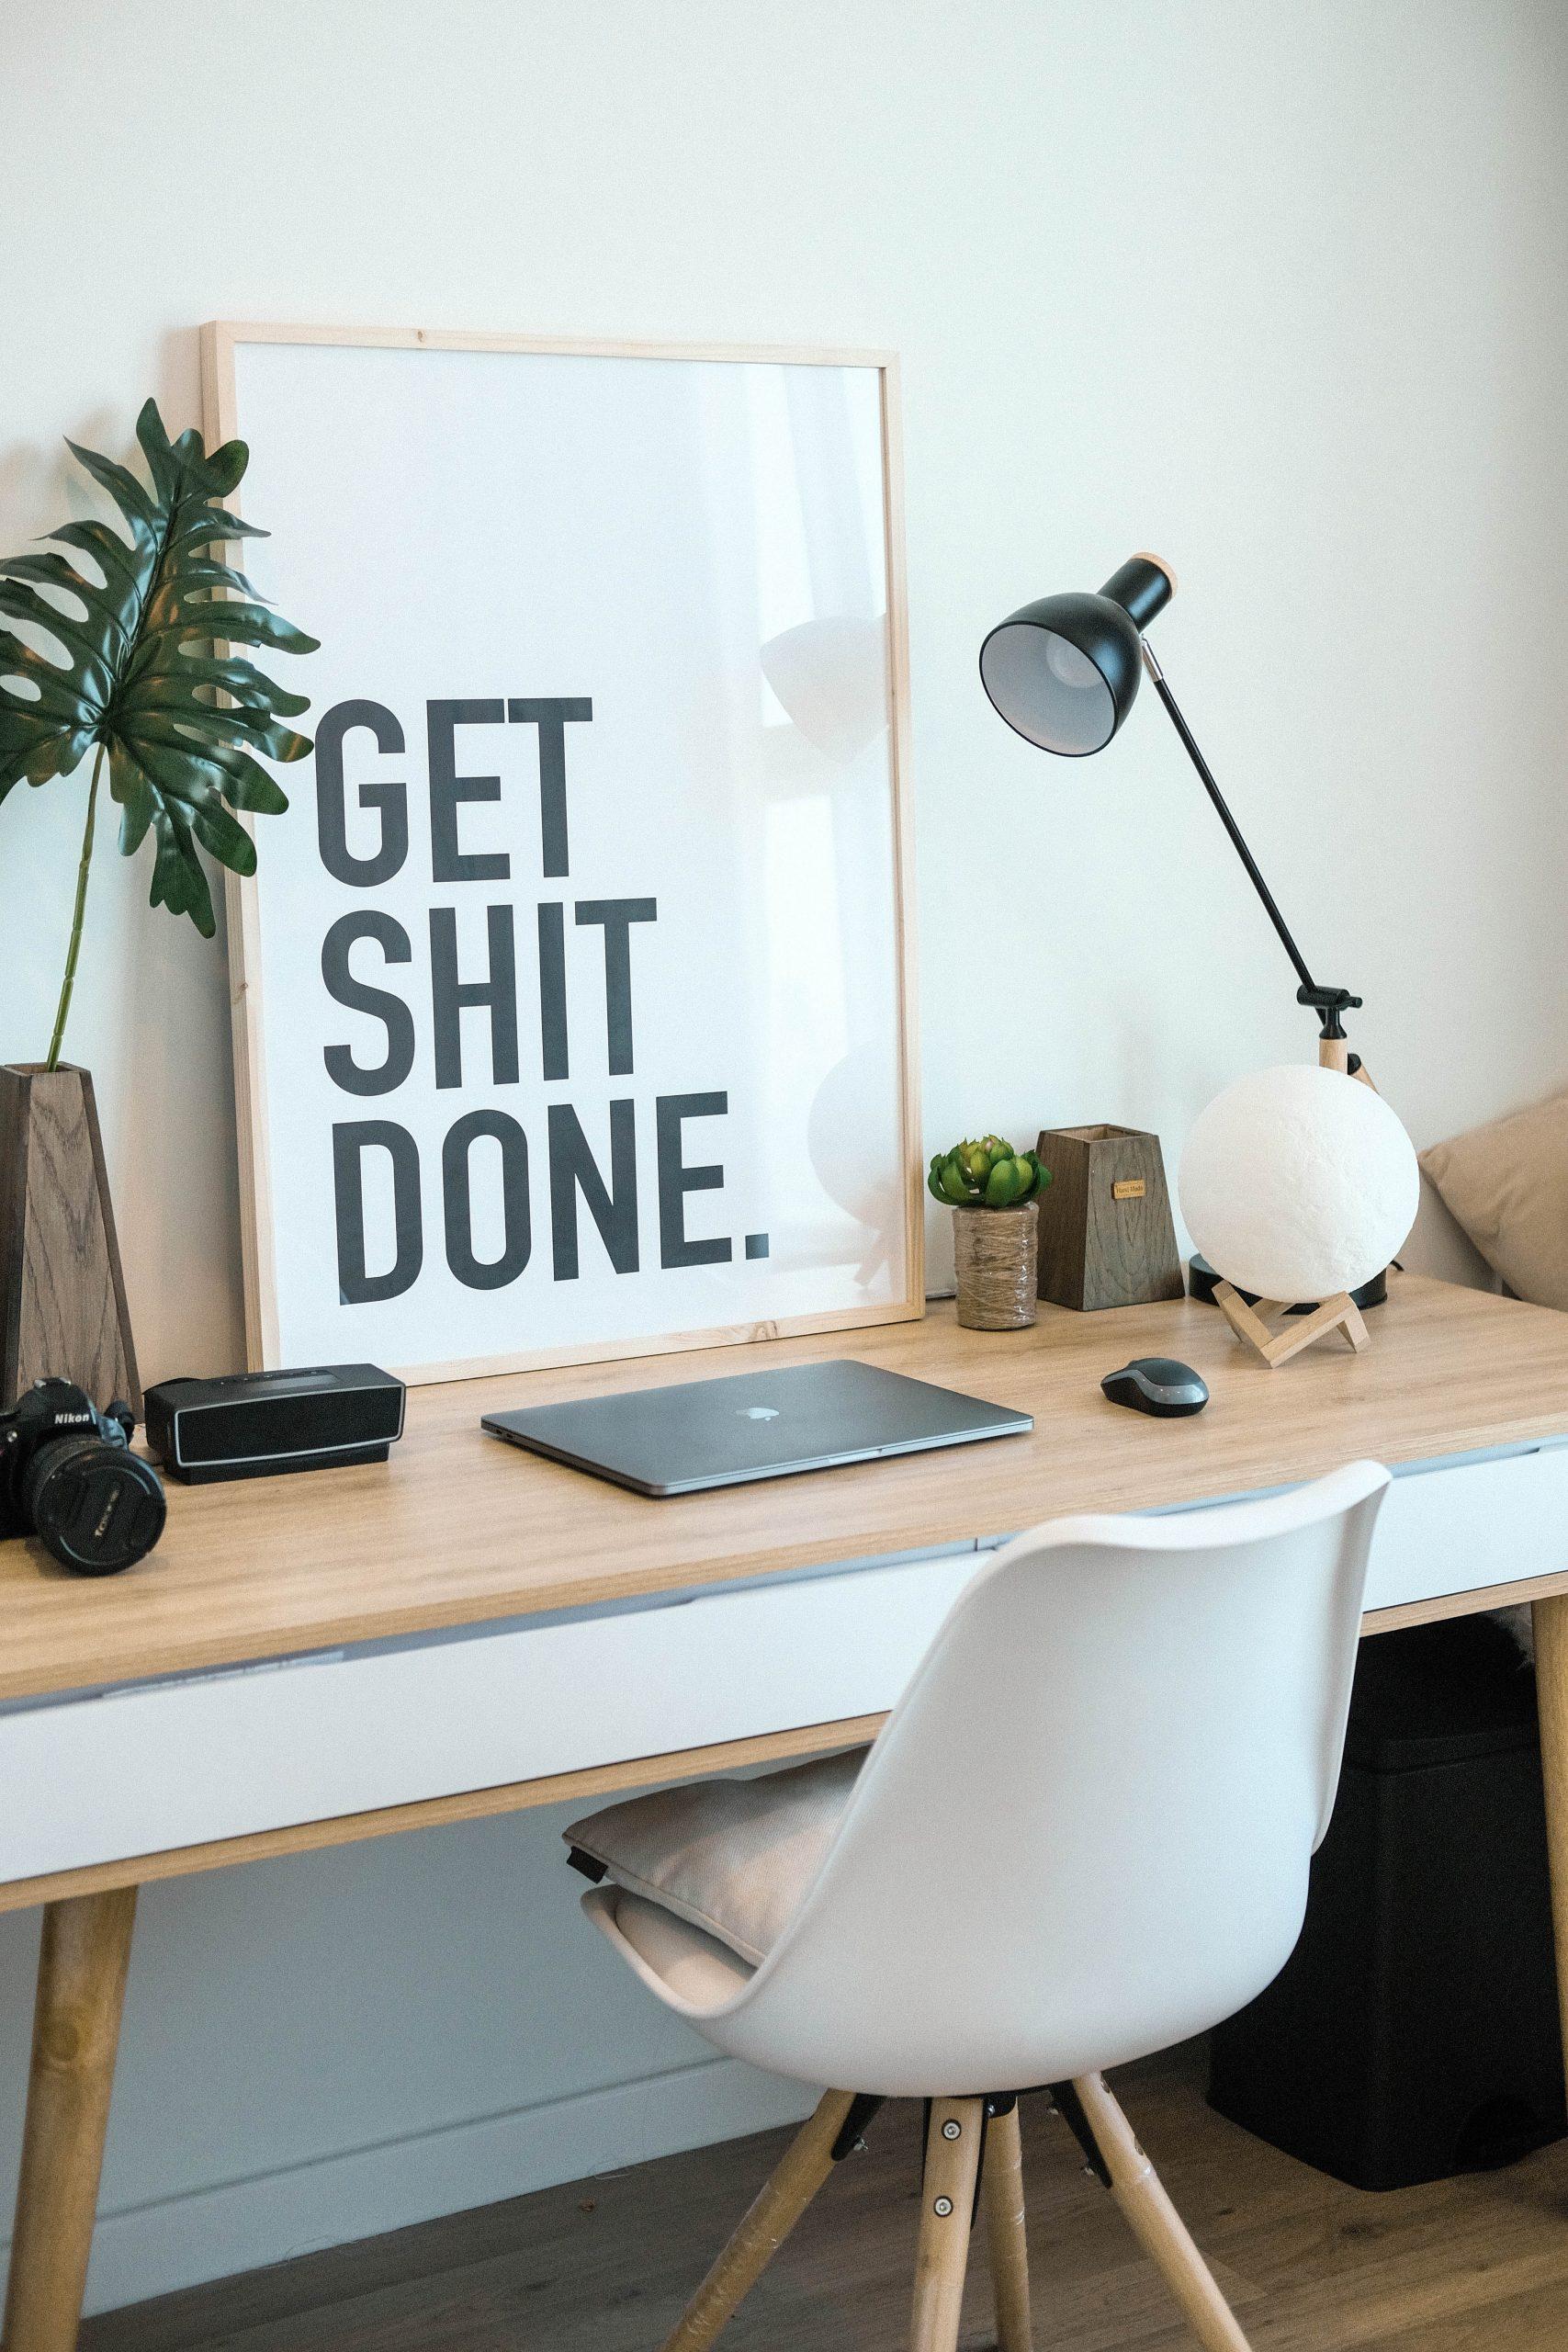 fotolijst met woorden Get Shit Done op bureau